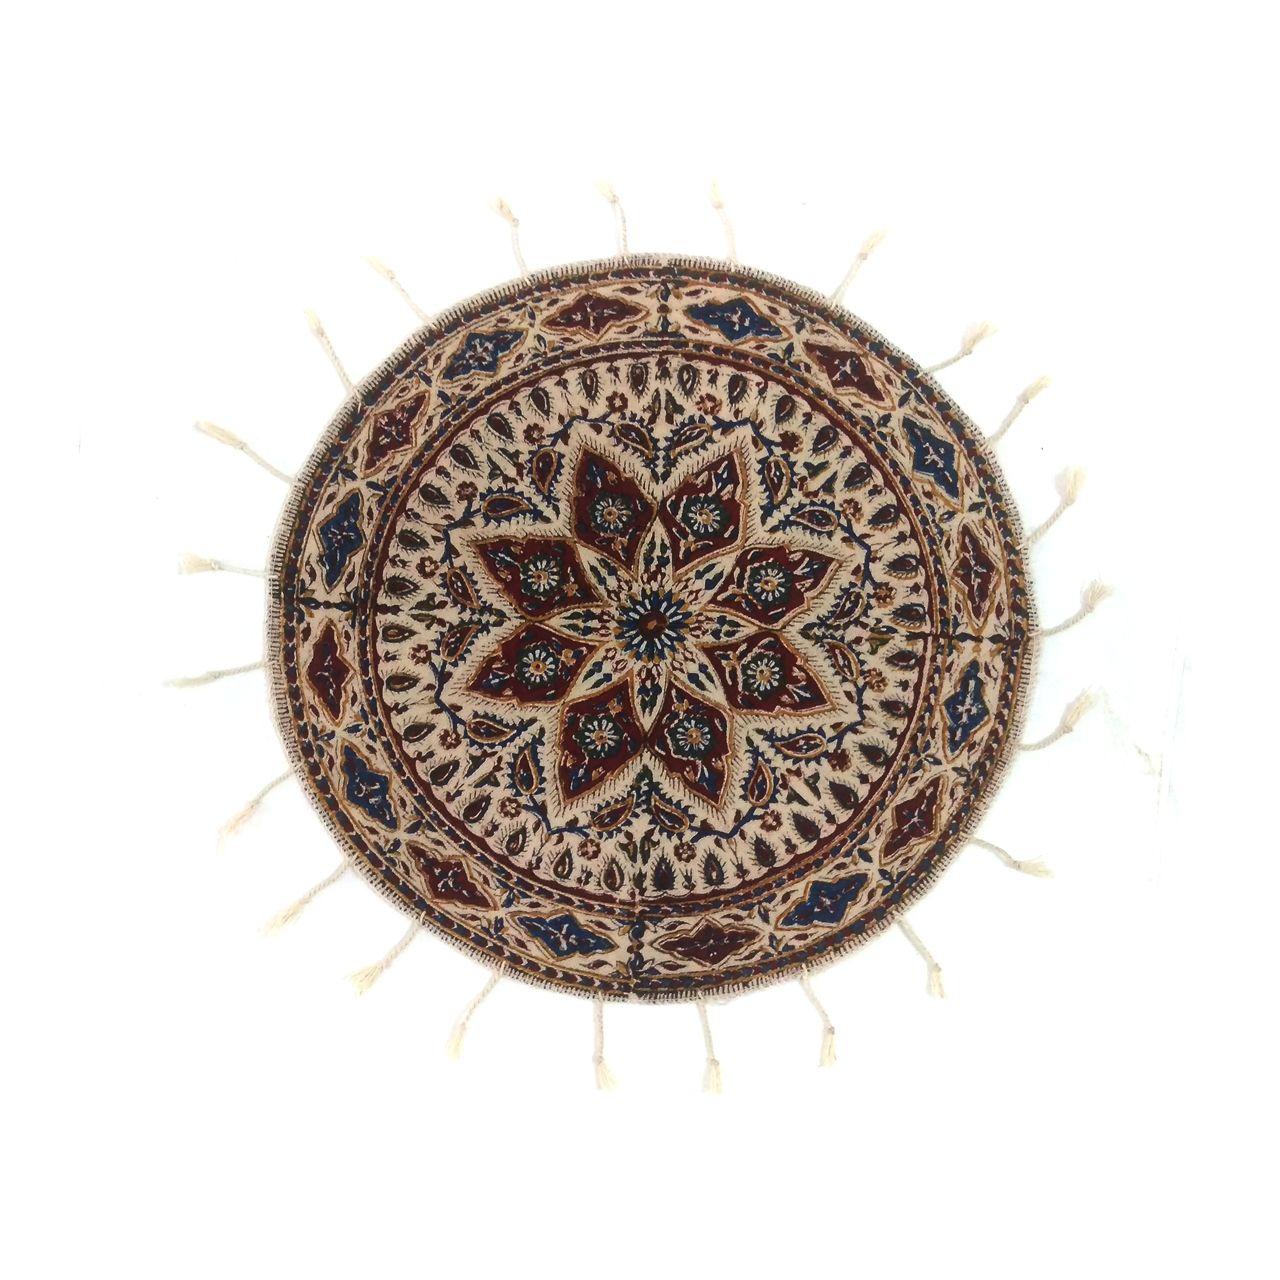 پارچه قلمکار لوح هنر طرح ترنج کد 845 سایز 40*40 سانتی متر